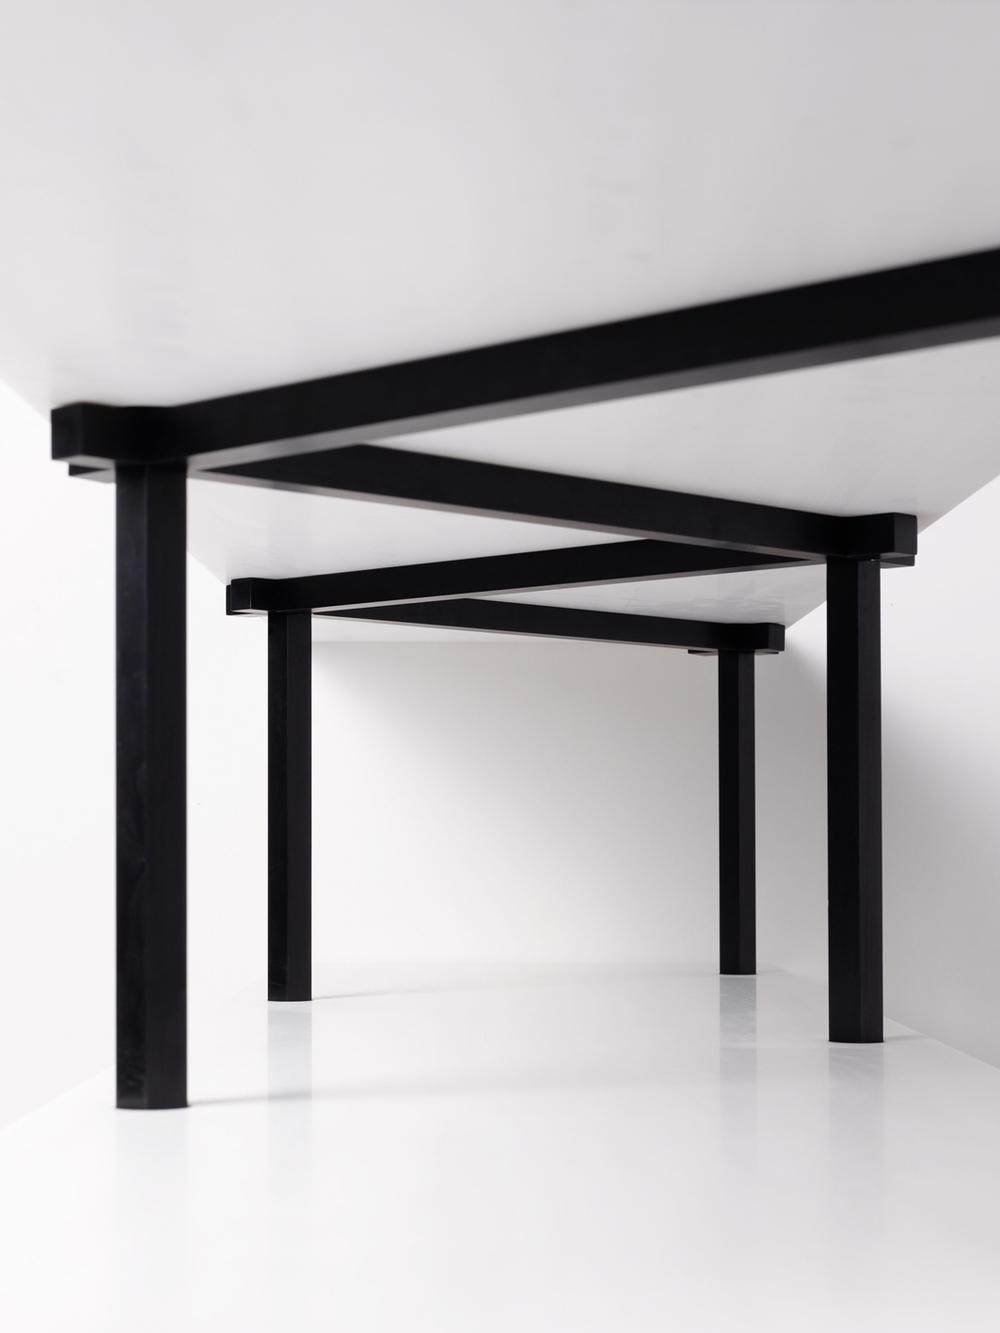 Don't Screw with Me Libreria  | Marmo di Carrara e Alluminio Anodizzato Nero | Minimal Design| Isabell Gatzen | Spazio Materiae | Napoli